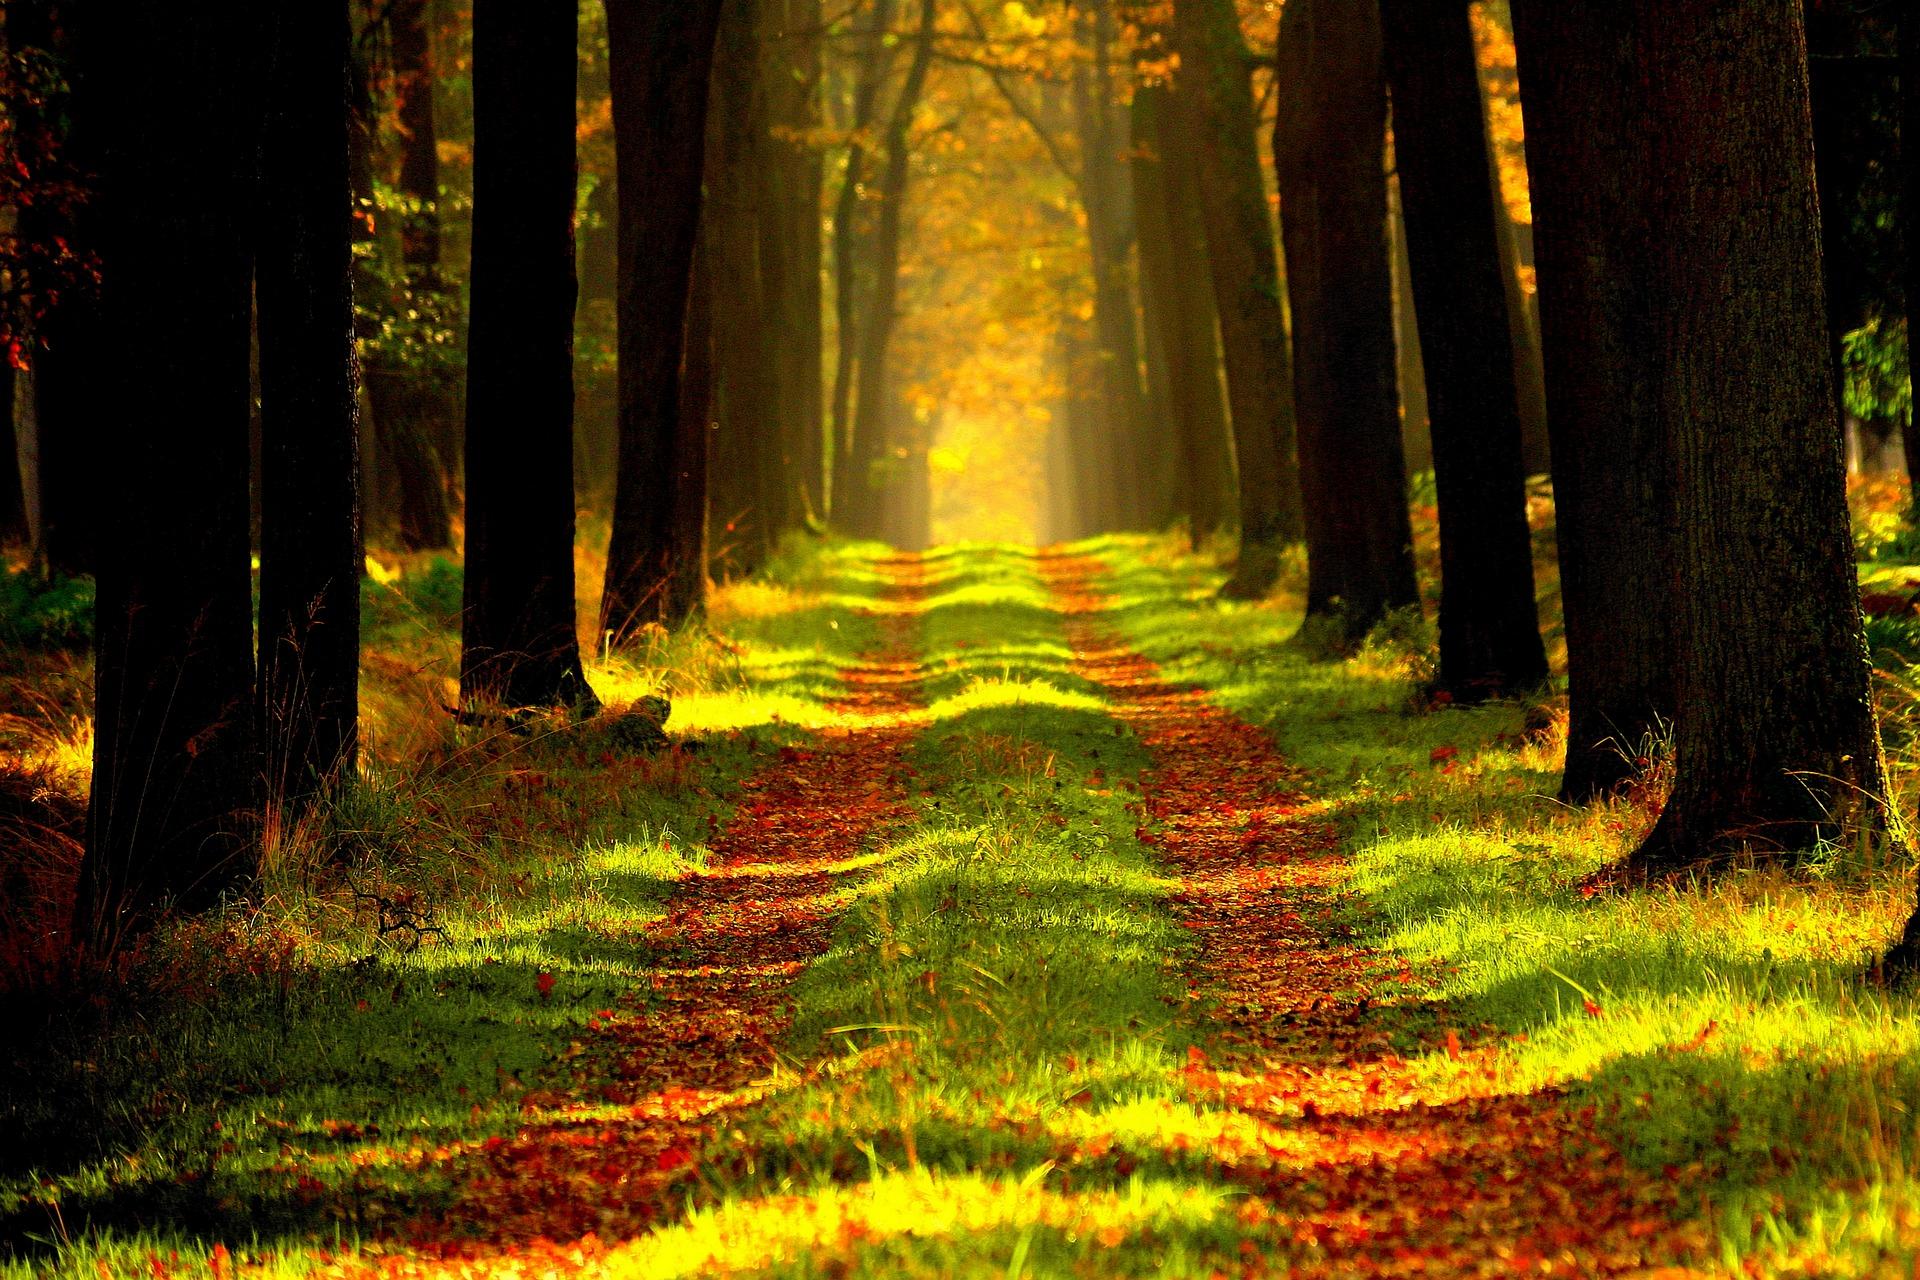 109517 Заставки і шпалери Осінь на телефон. Завантажити Природа, Дерева, Осінь, Листя, Ліс, Стежка, Шлях картинки безкоштовно